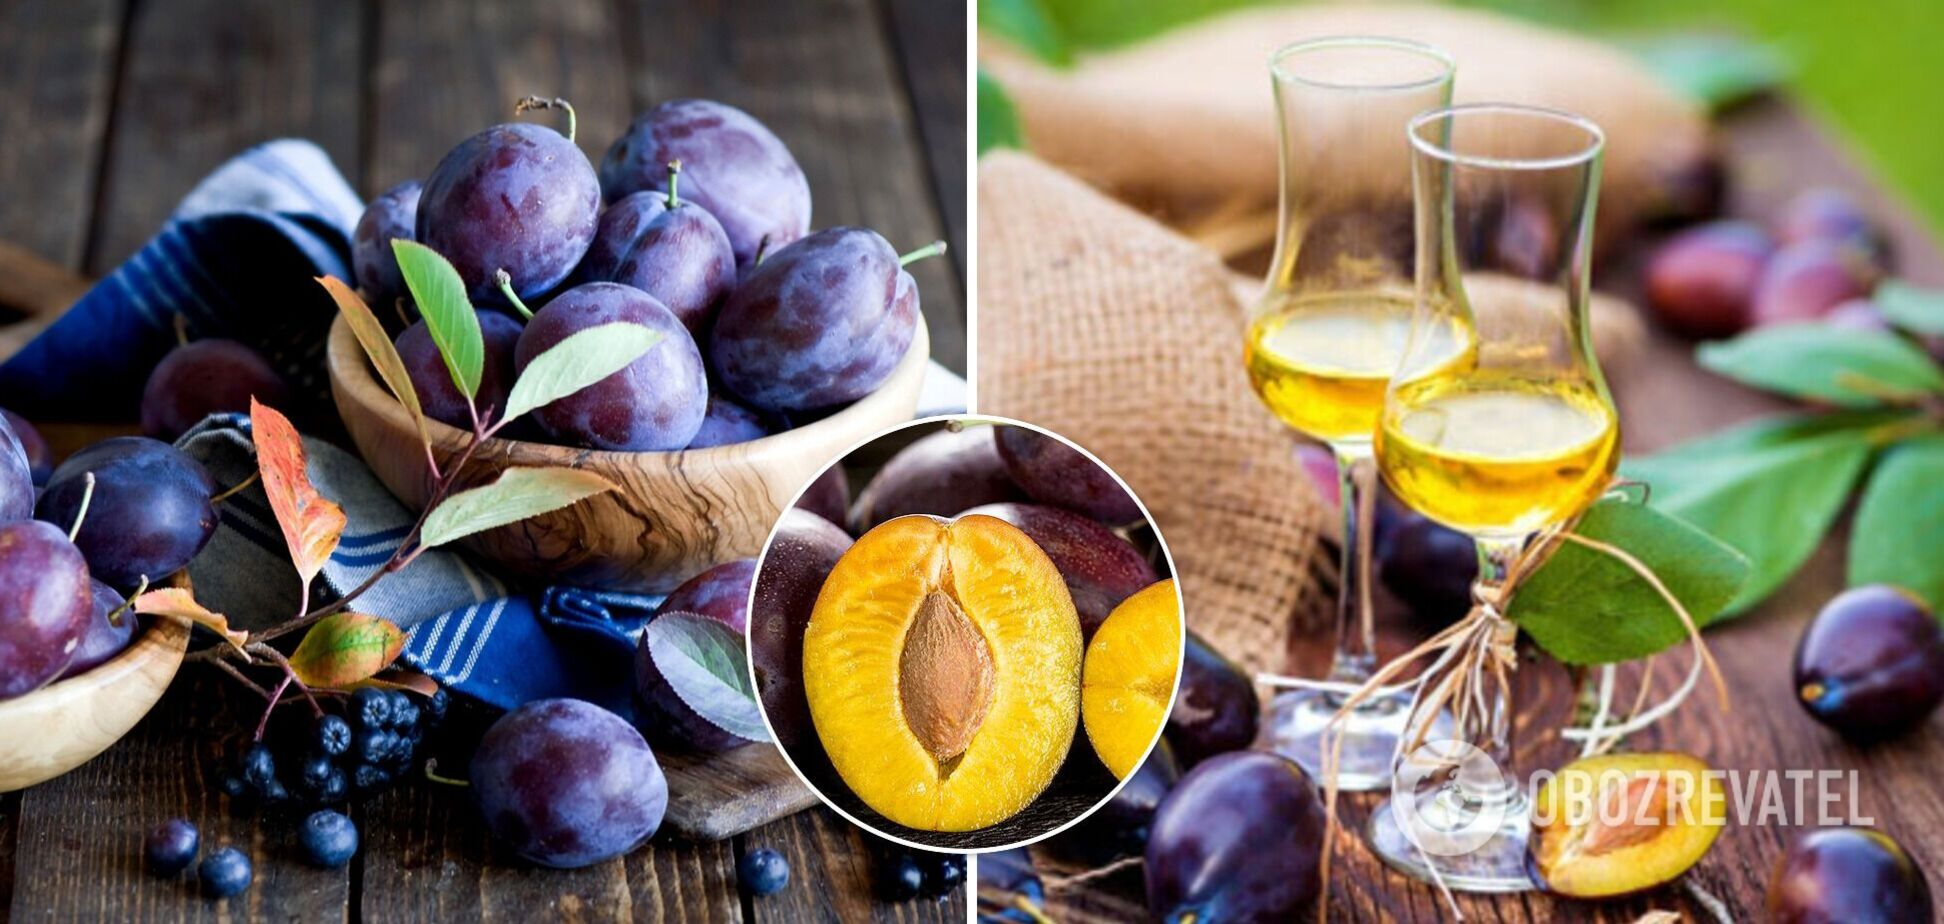 Вкусное вино из слив: как приготовить в домашних условиях